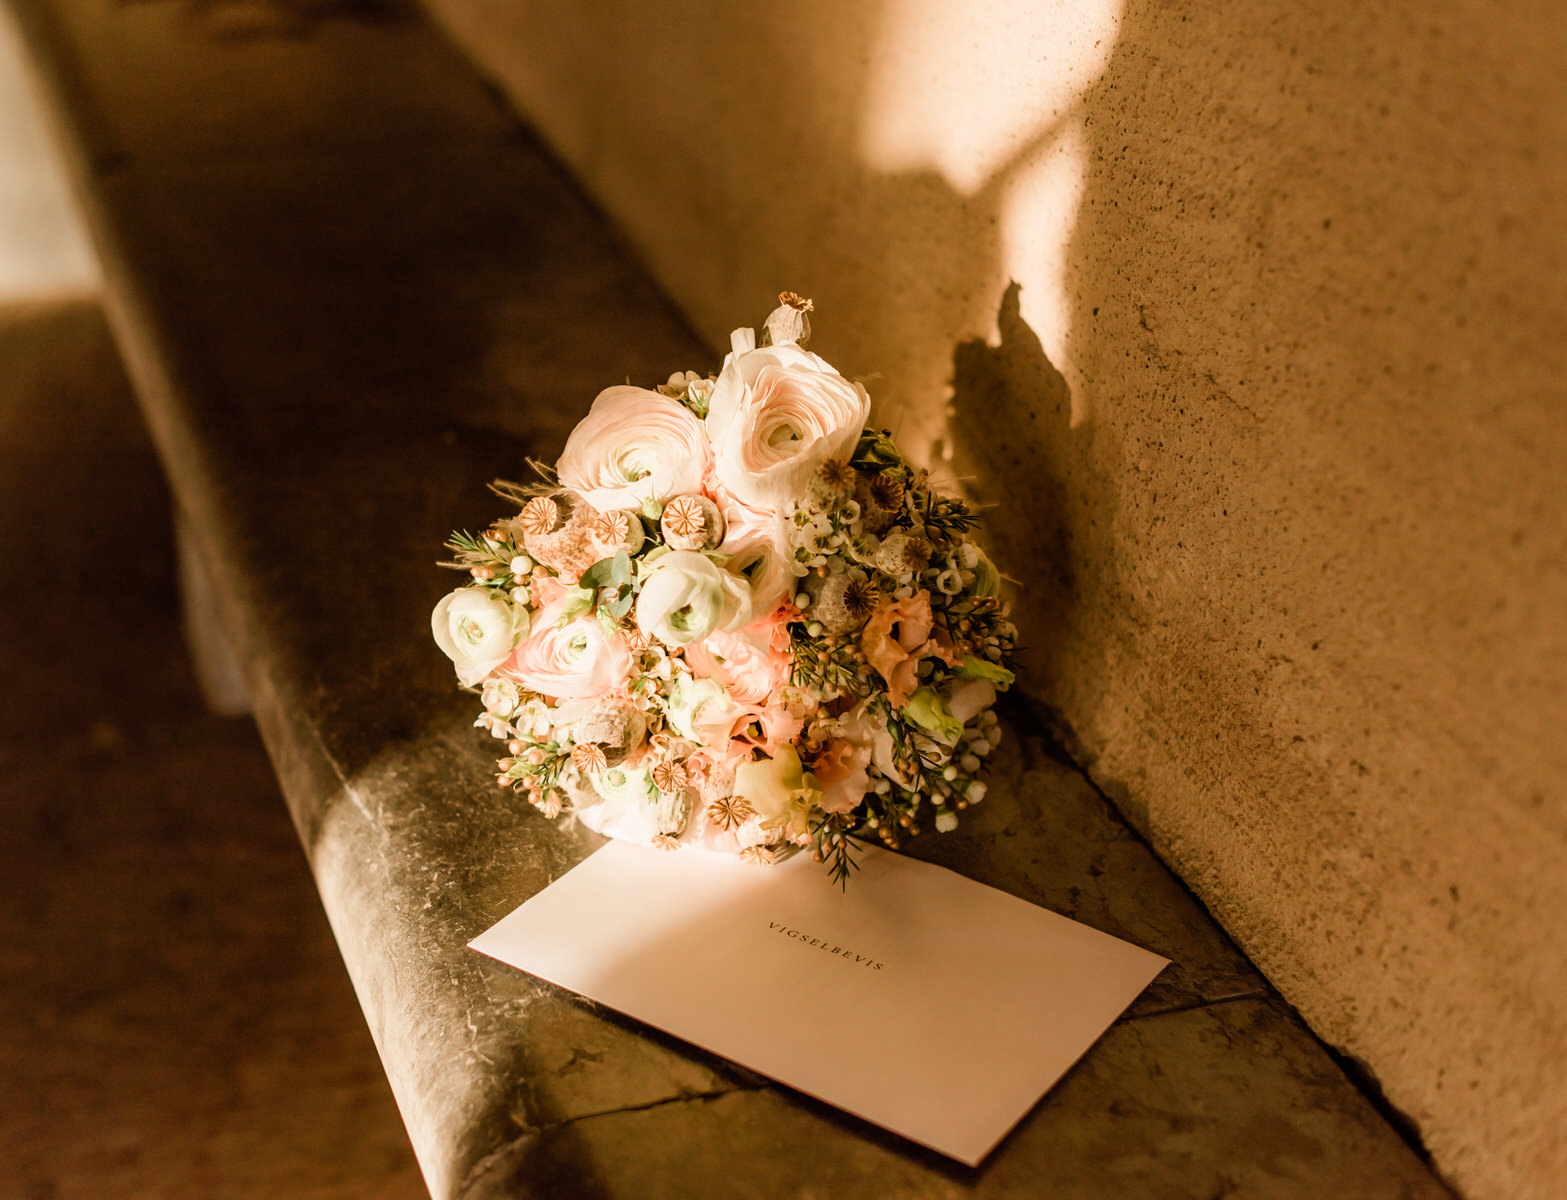 Bröllopsbukett stadshusvigsel bröllopsfotograf stockholm helloalora